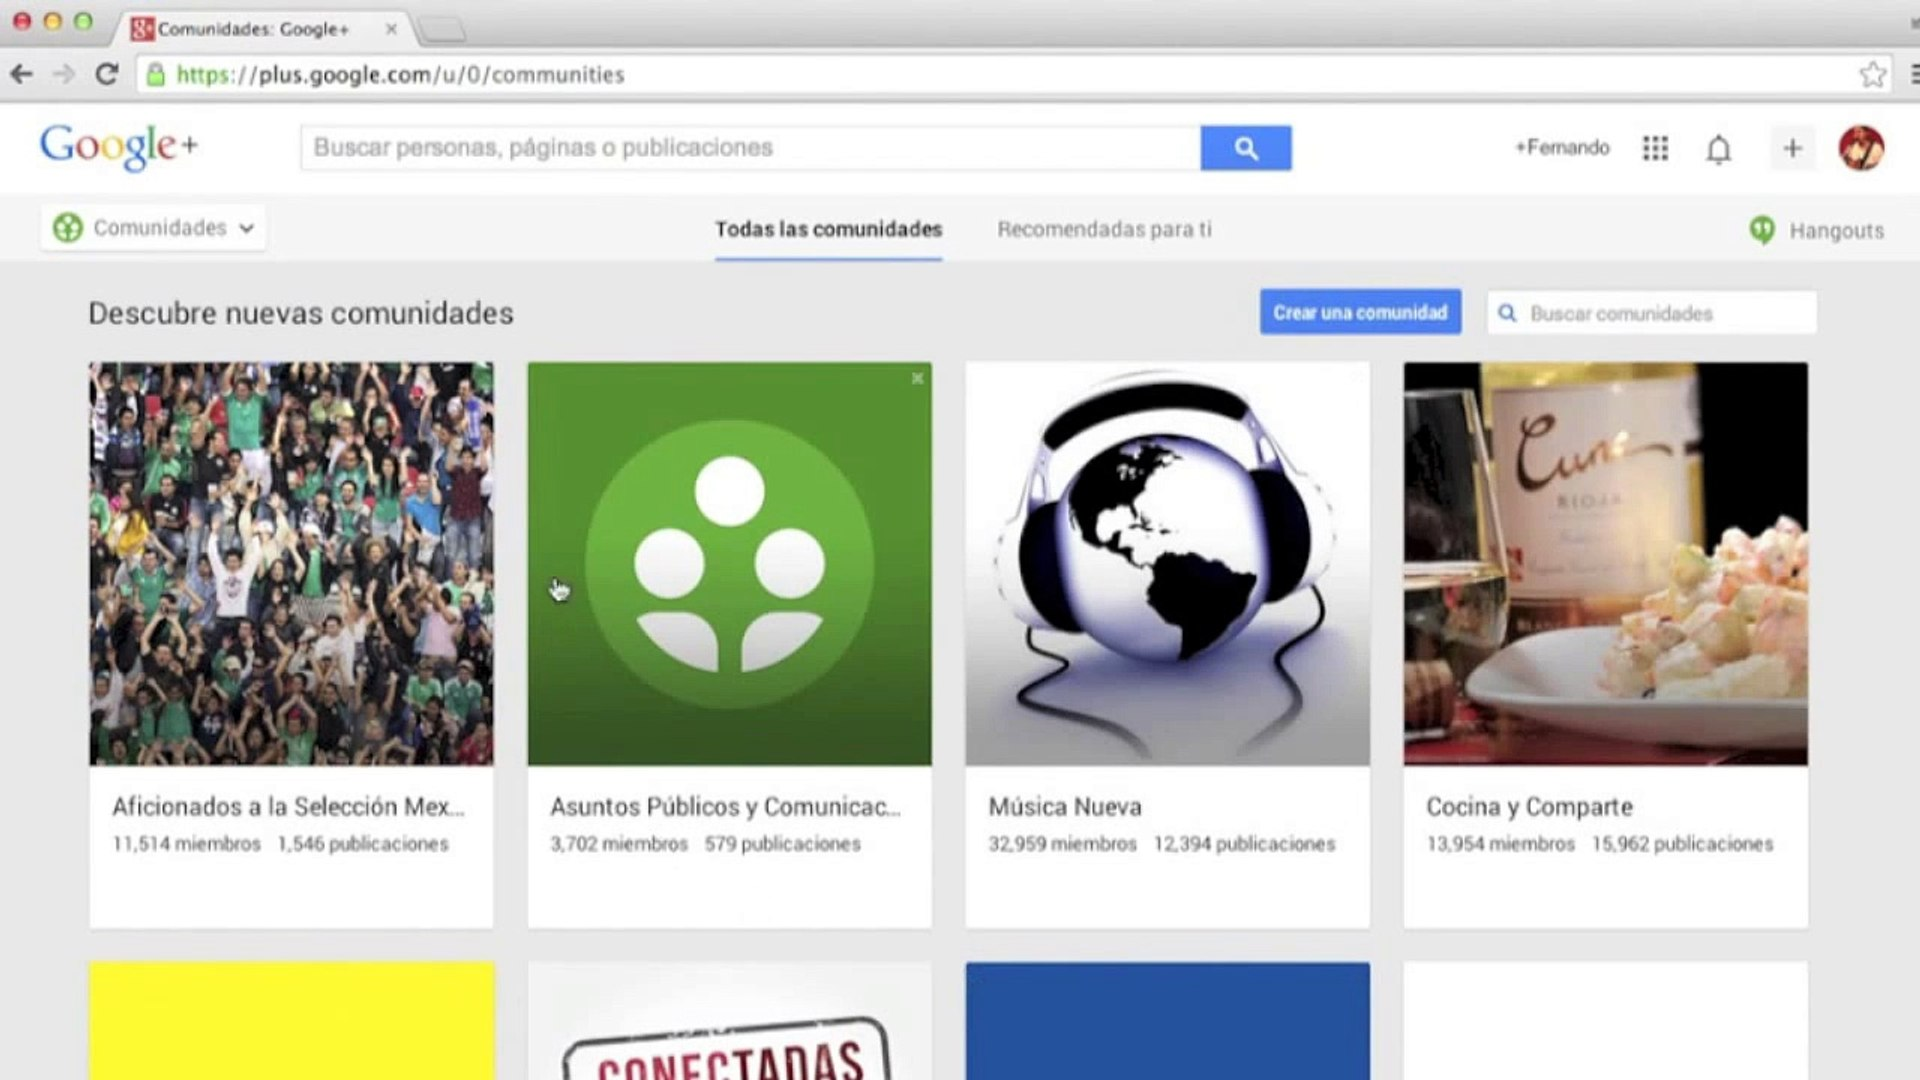 Google+ Cuenta y comunidades - Google Drive